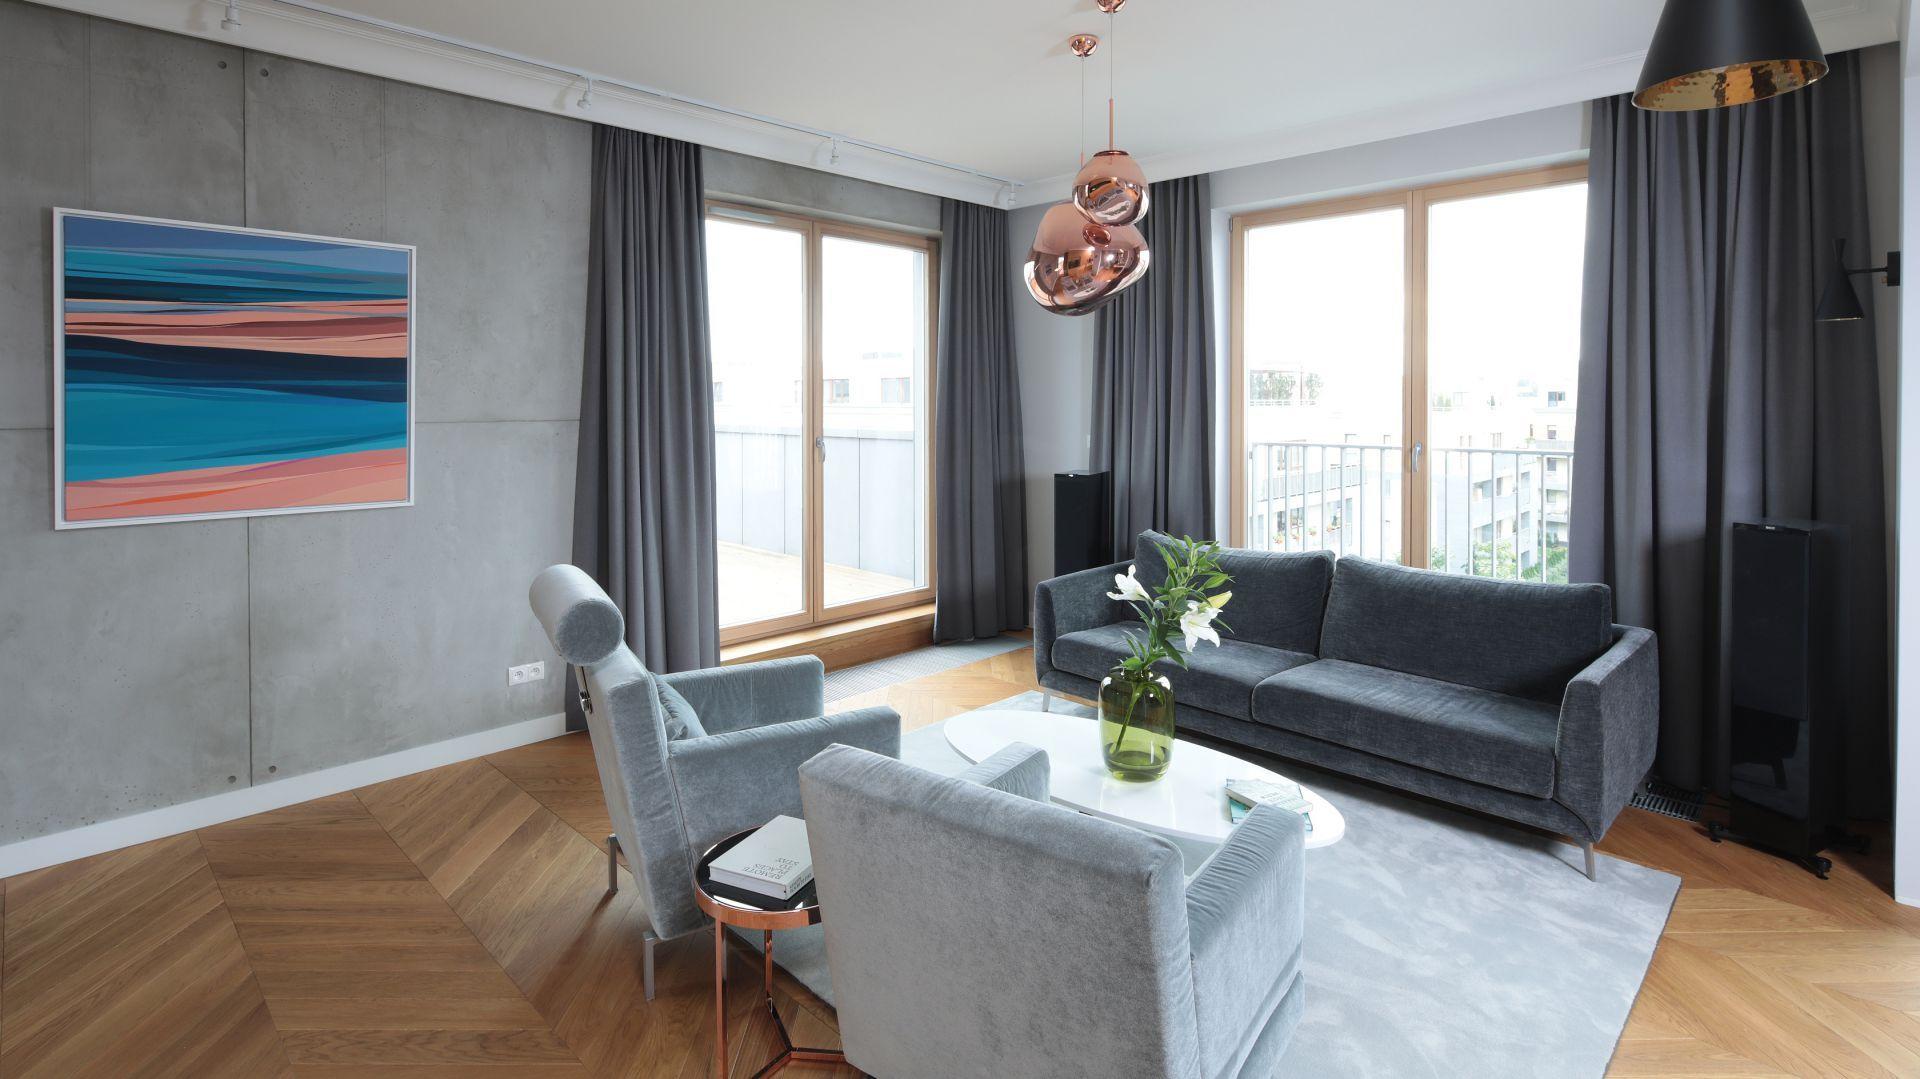 Wysokie okna w salonie zapewniają dużą ilość światła dziennego, a tym samym rozjaśniają wnętrze i dodają optycznej przestrzeni. Projekt: Katarzyna Mikulska-Sękalska. Fot. Bartosz Jarosz